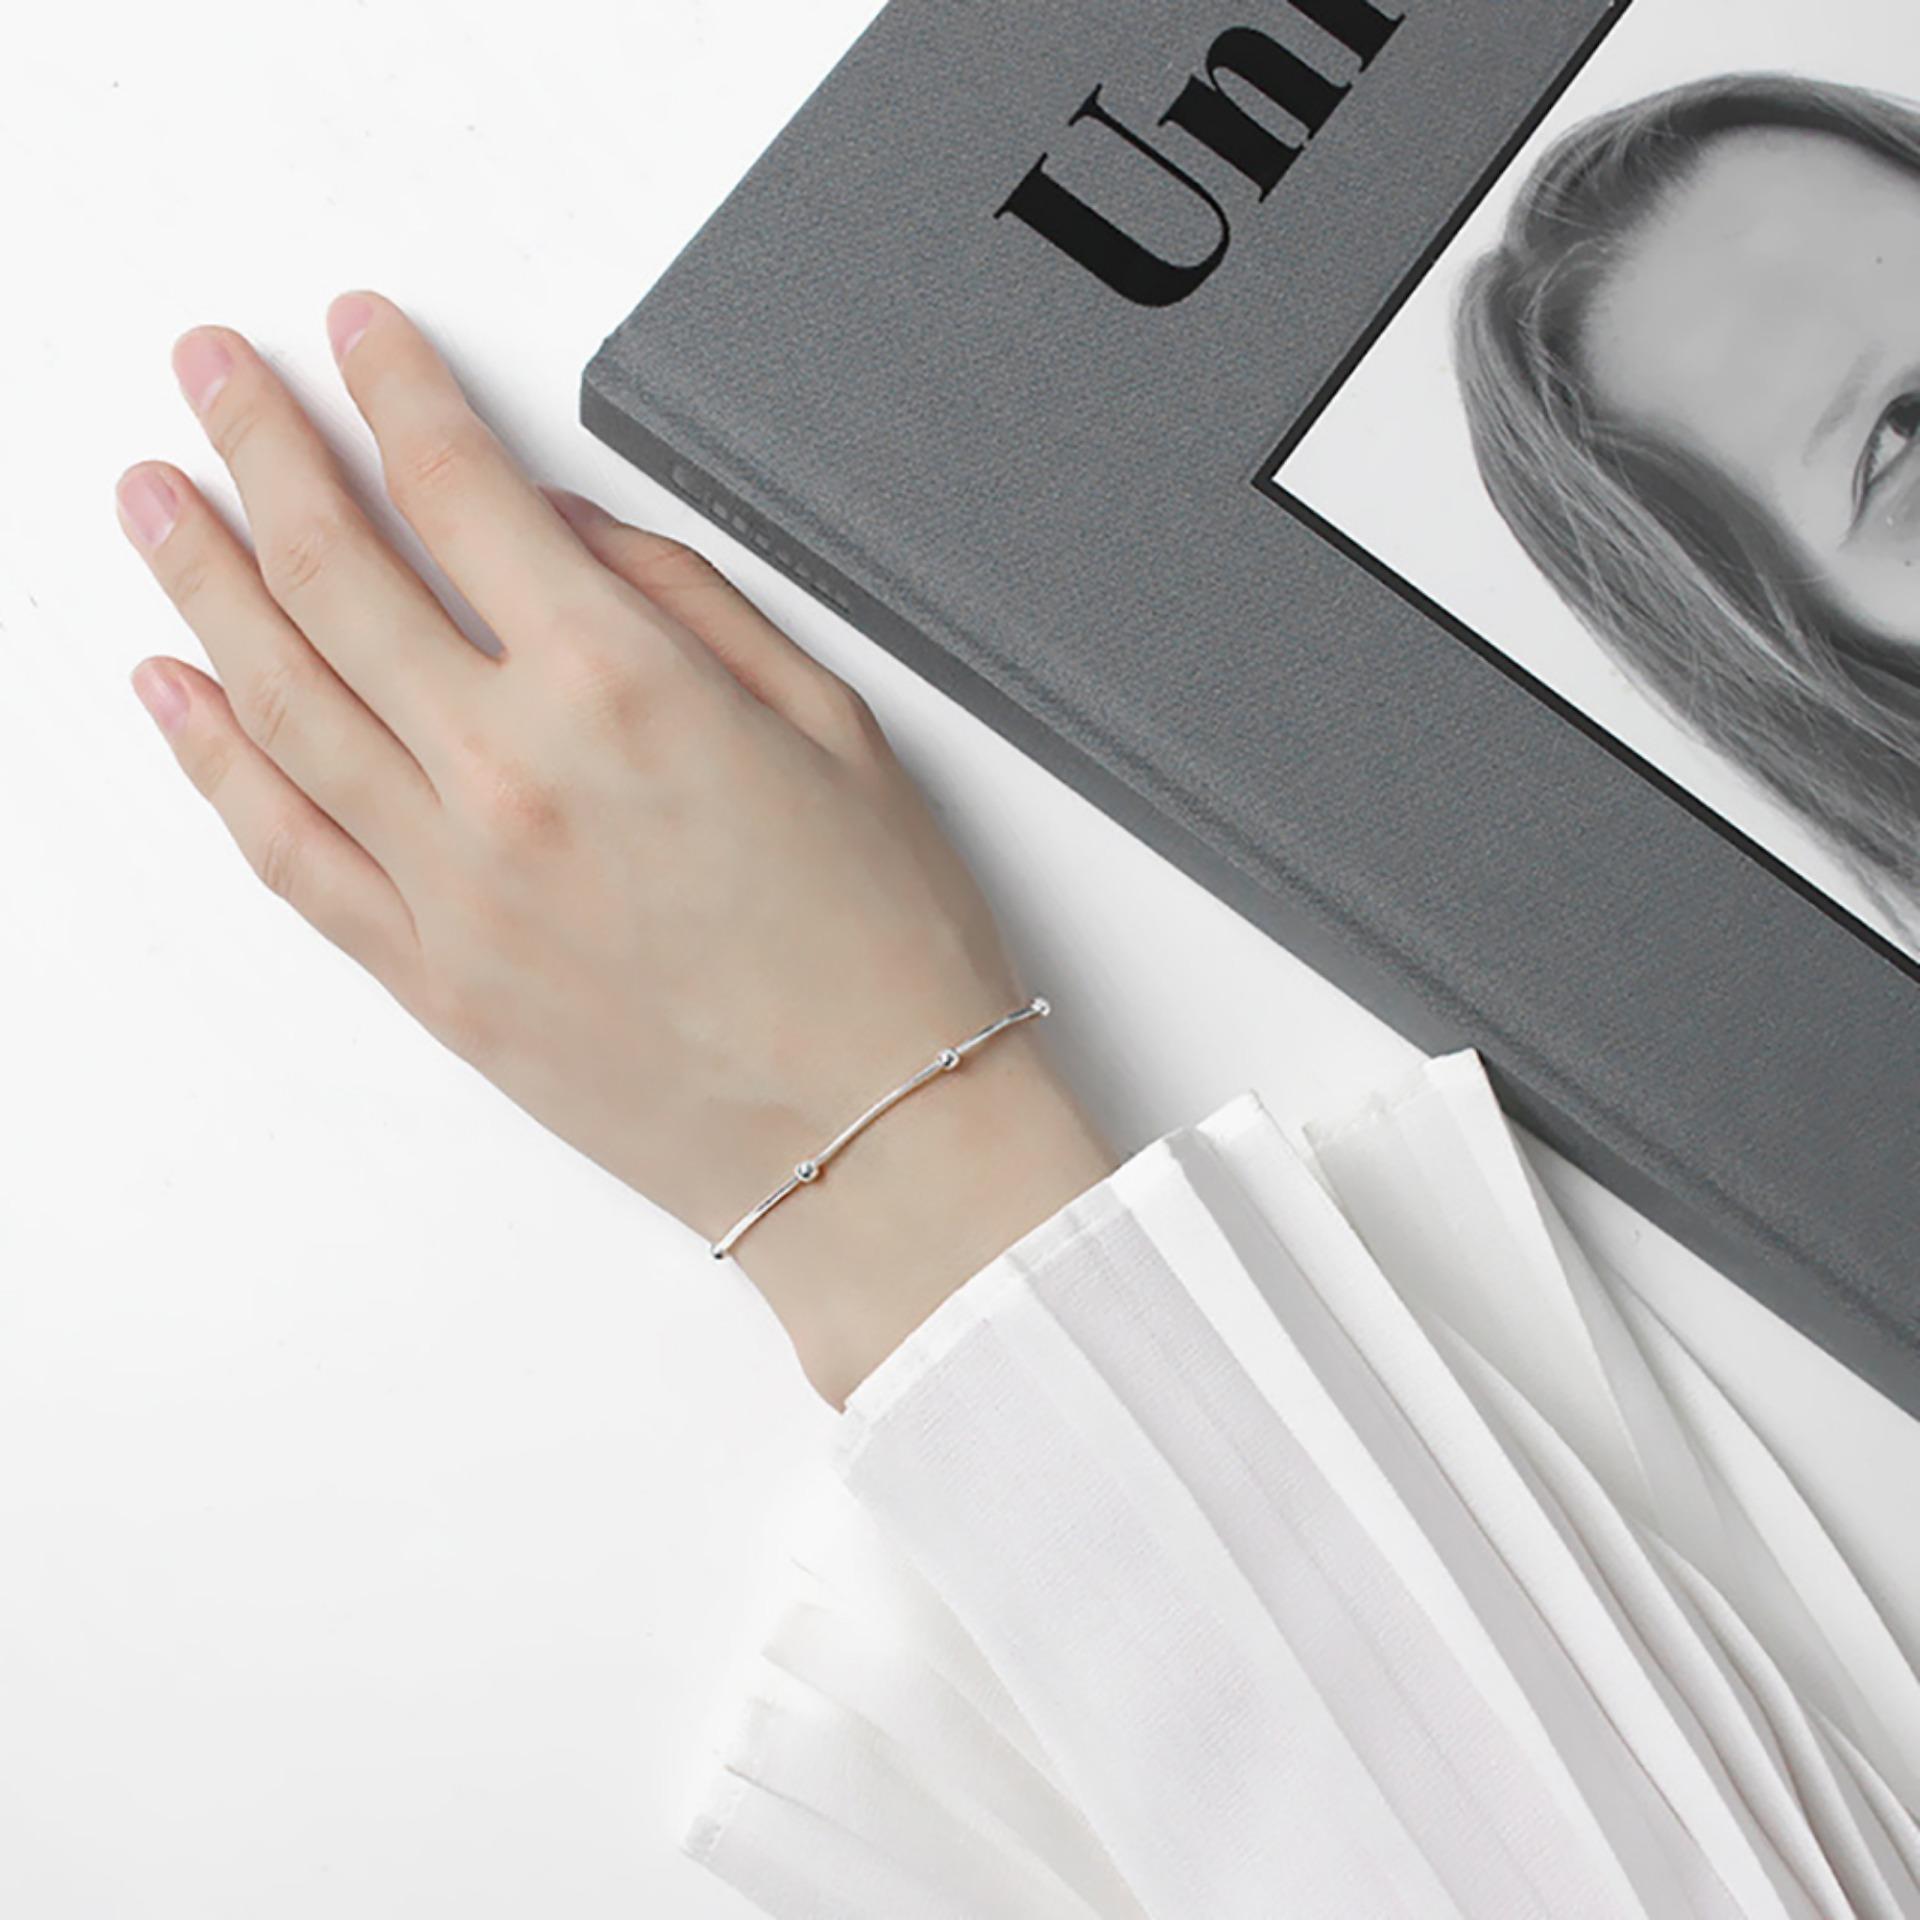 Bán Lắc Tay Nữ Bạc Thật 925 Mạ Bạch Kim Jk Silver Kiểu Dang Trendy Trẻ Trung Jk Silver Nguyên